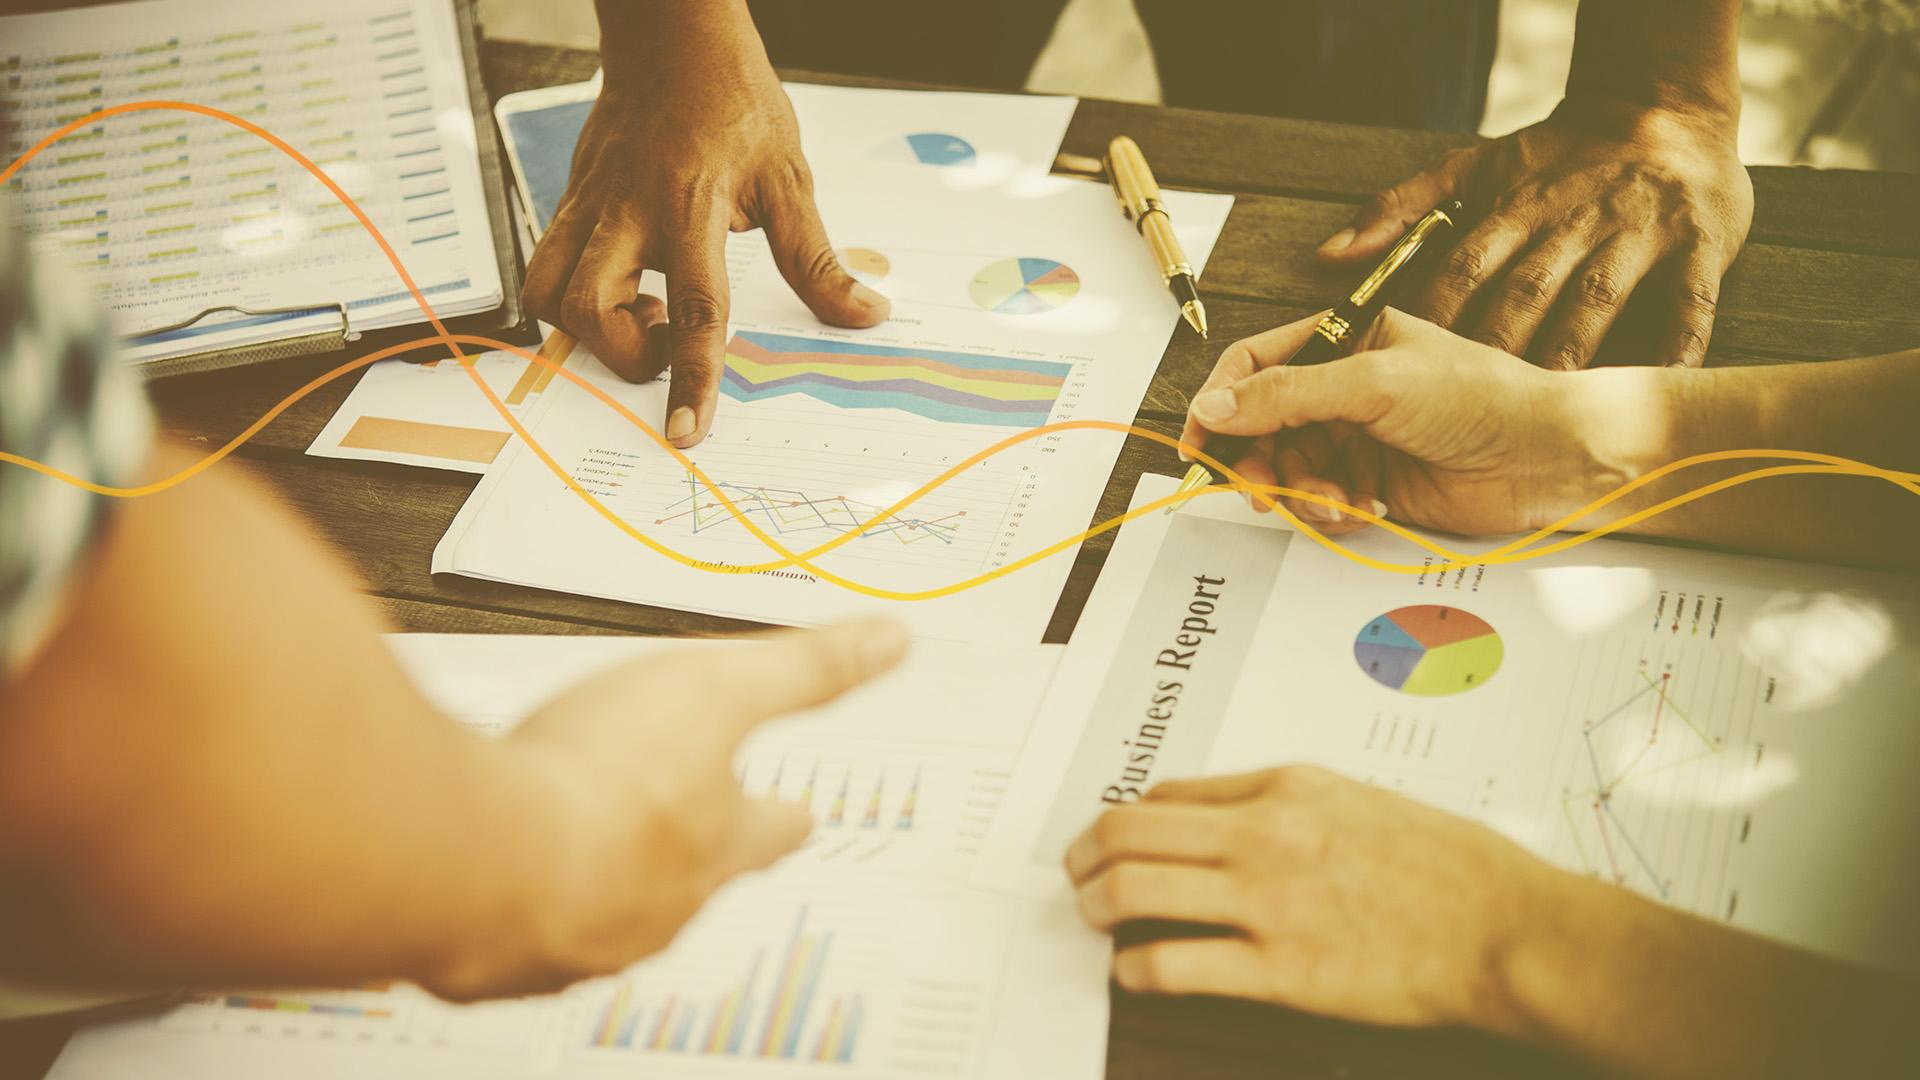 Entenda como a pesquisa qualitativa pode ajudar nas suas campanhas